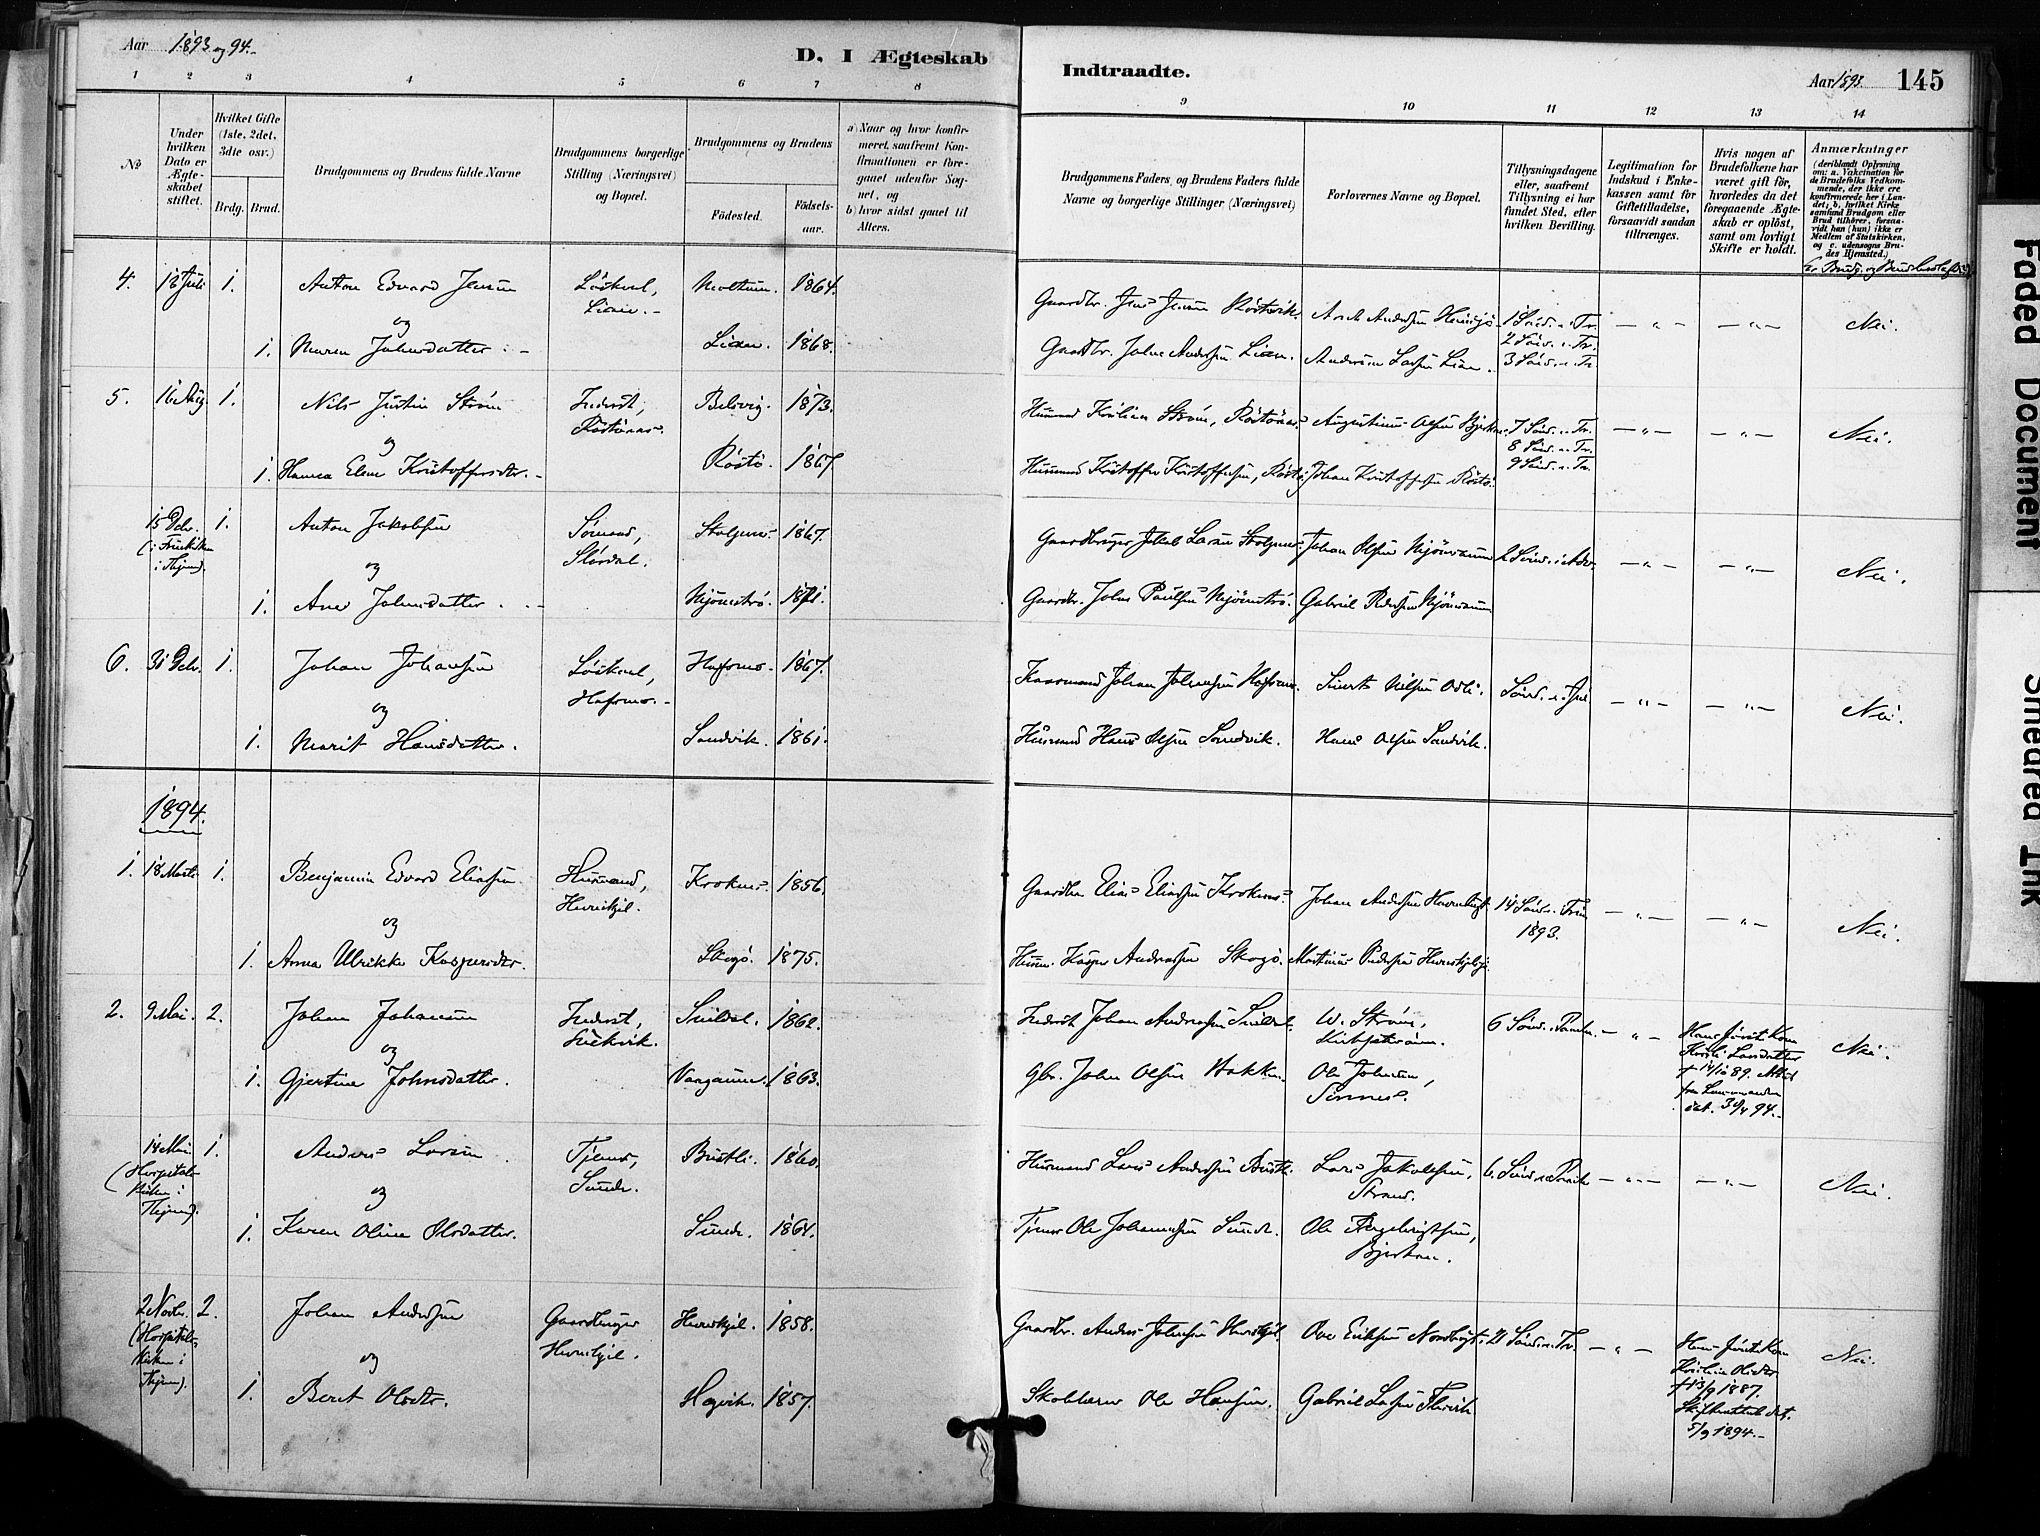 SAT, Ministerialprotokoller, klokkerbøker og fødselsregistre - Sør-Trøndelag, 633/L0518: Ministerialbok nr. 633A01, 1884-1906, s. 145